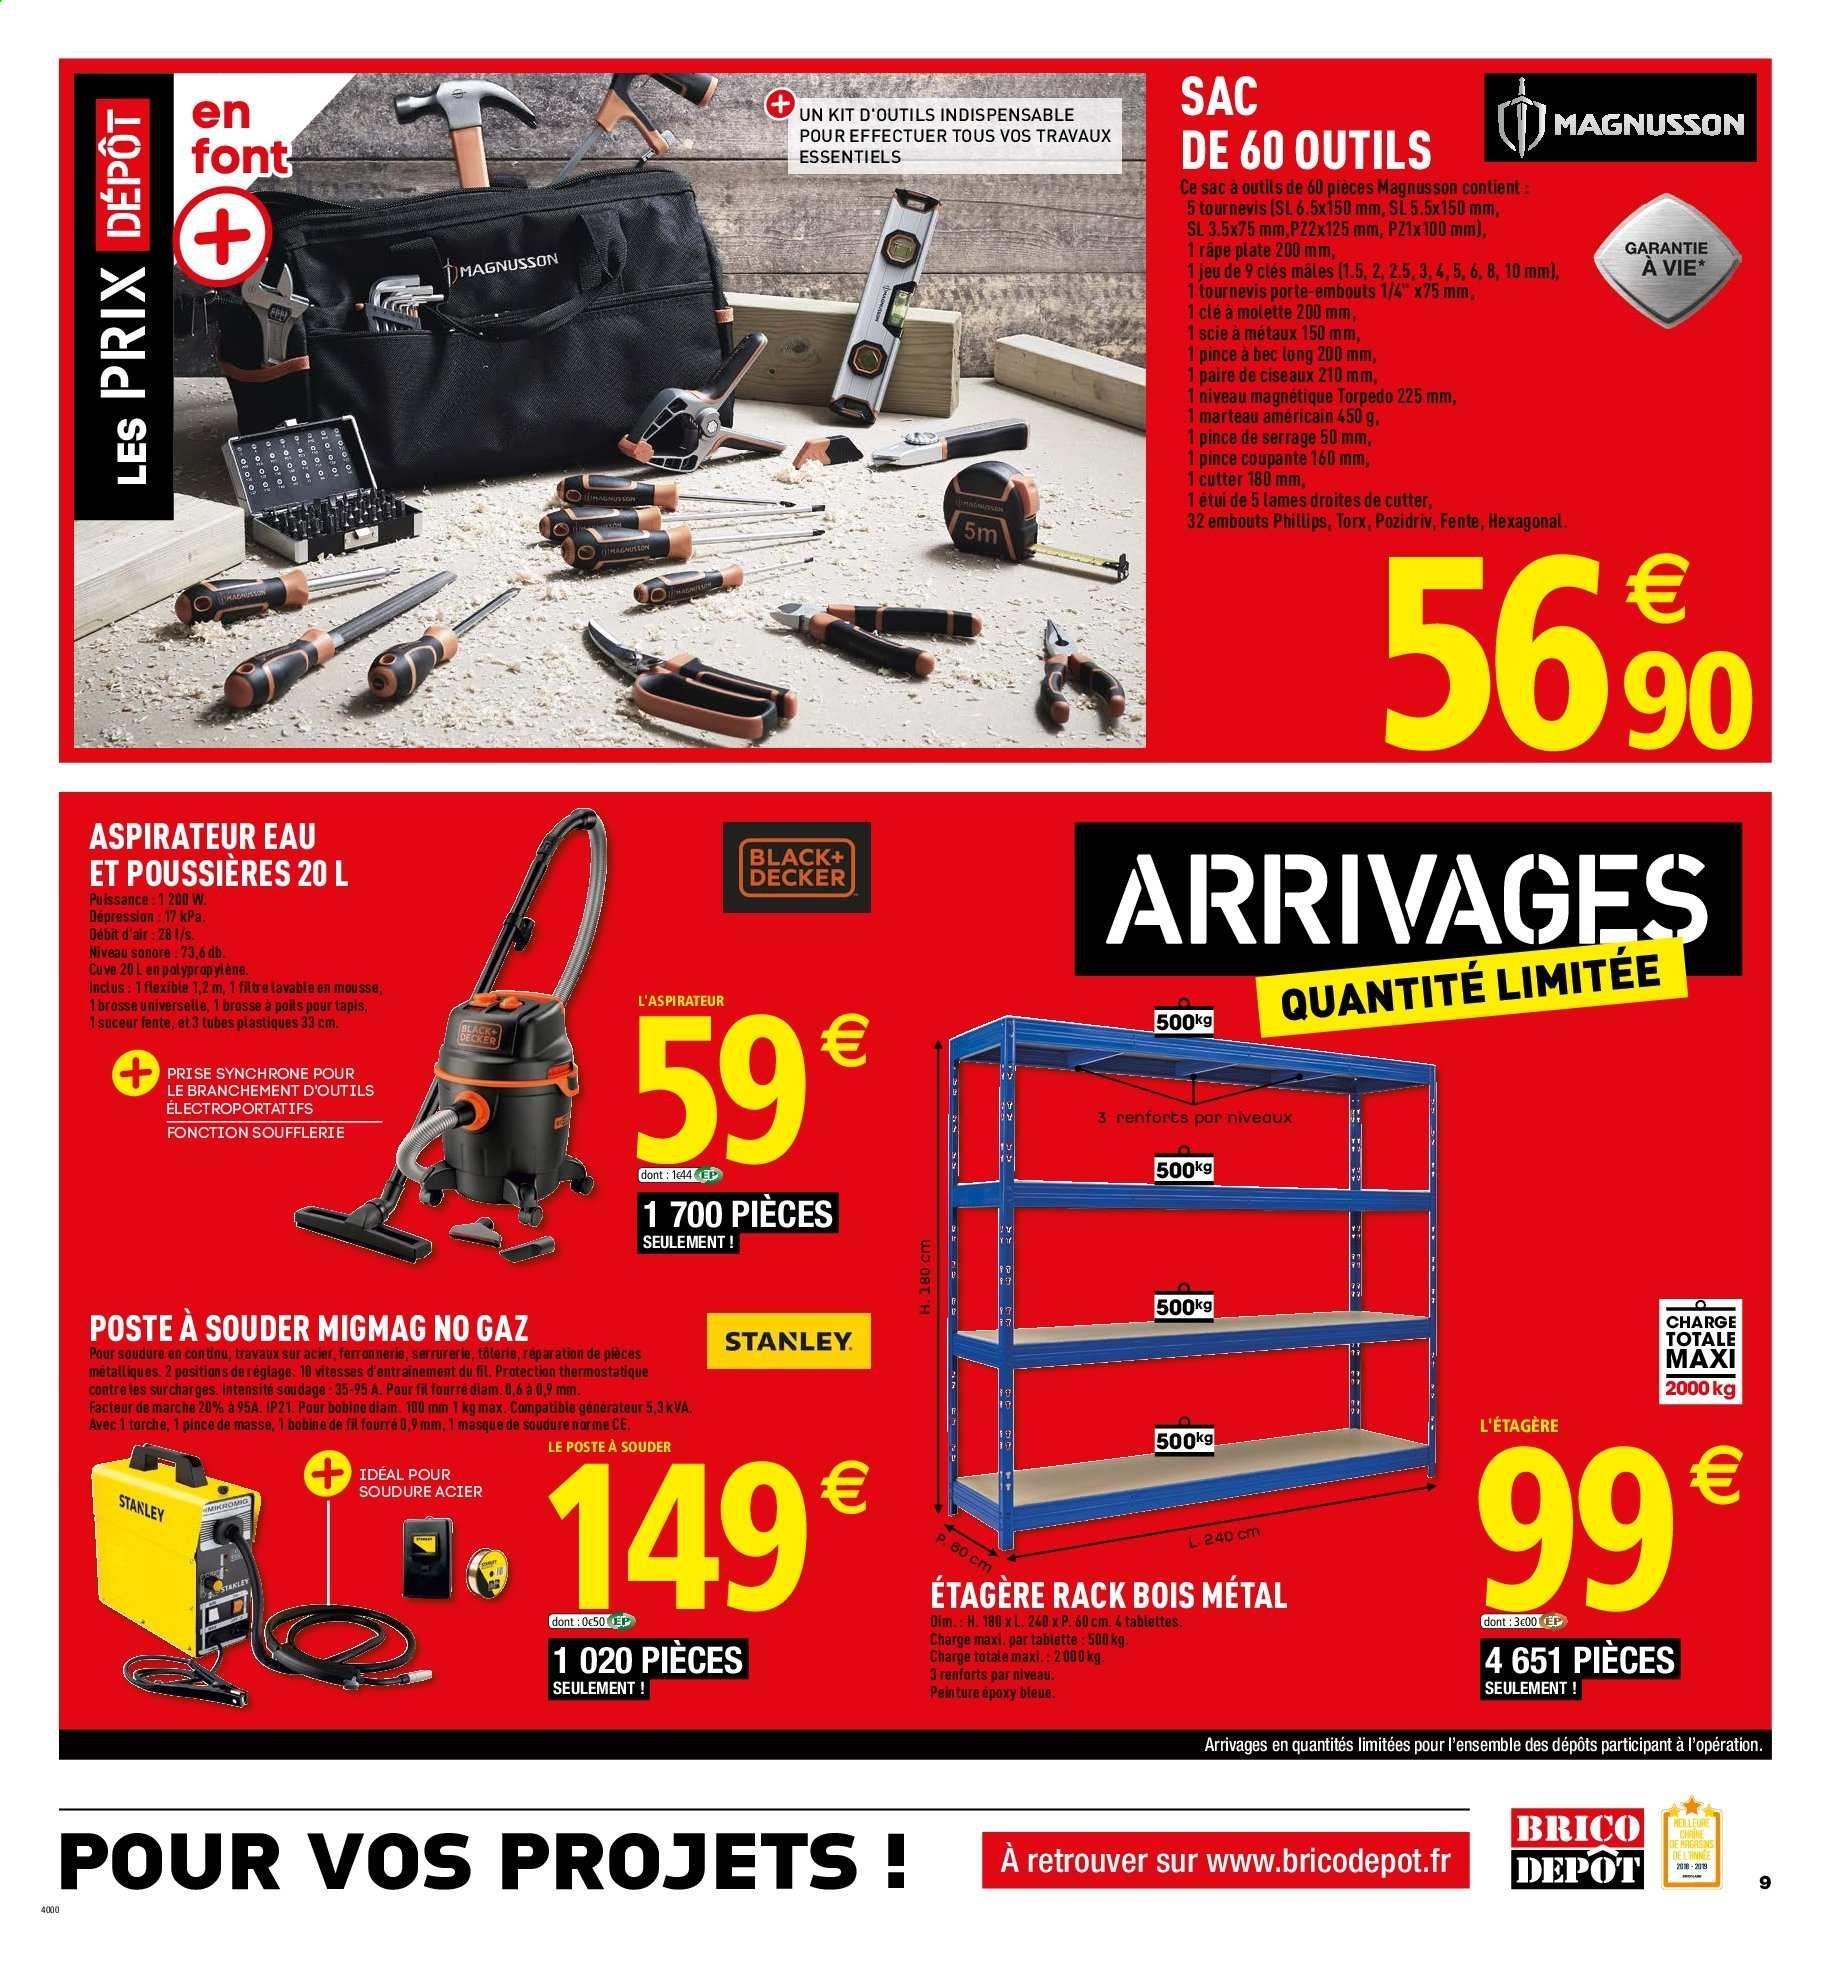 Catalogue Prospectus Pub Brico Depot 12 04 2019 25 04 2019 Vos Promos Fr Aspirateur Eau Et Poussiere Depot Pub